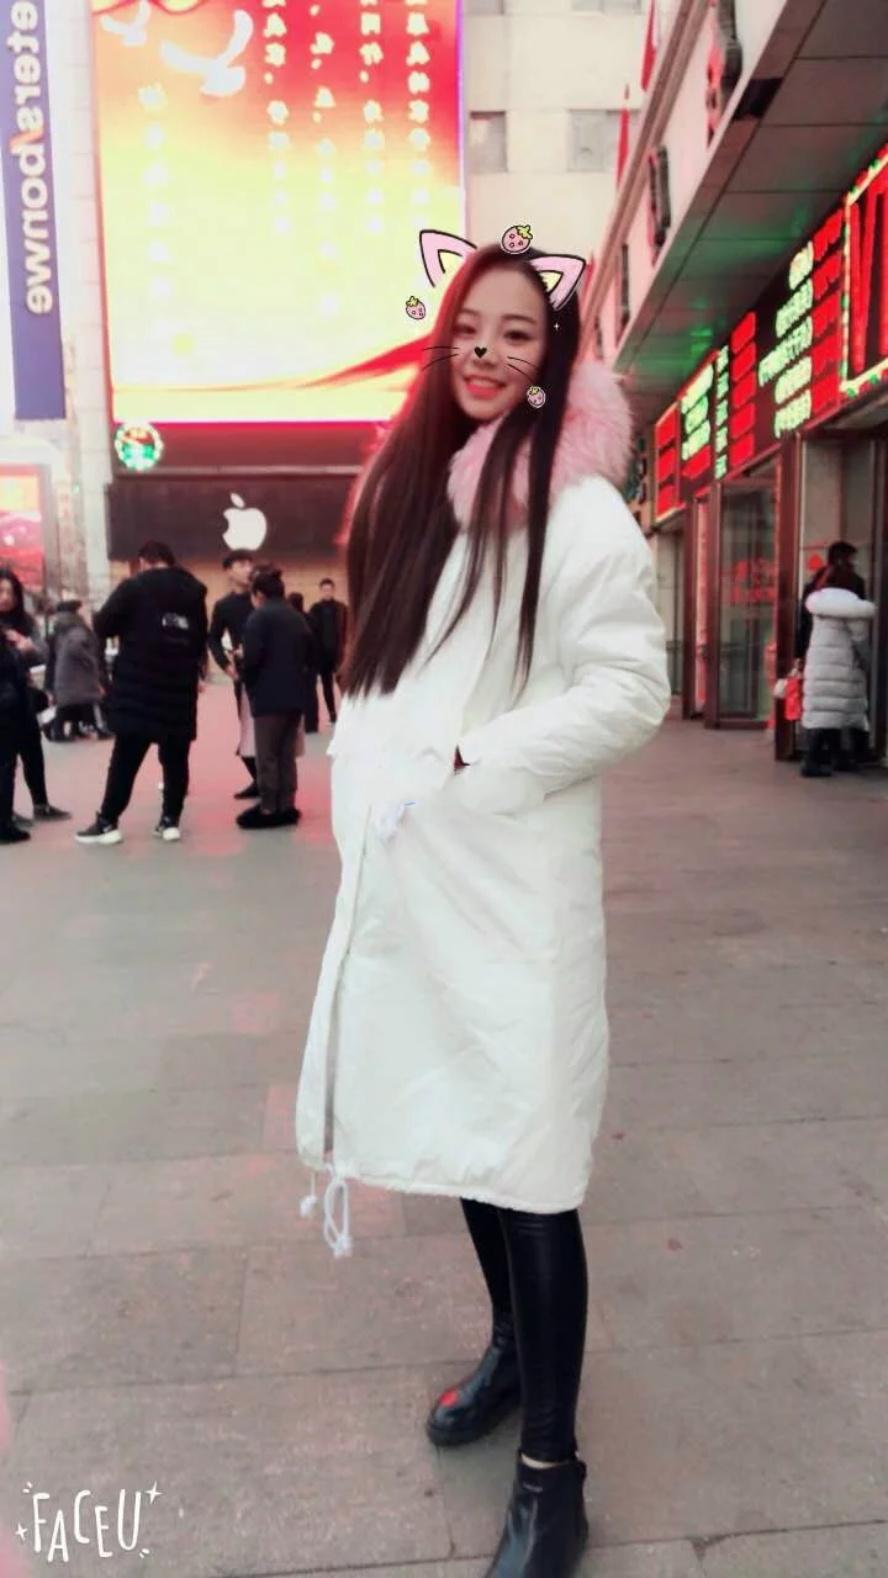 【百度云泄密系列】年轻漂亮的音乐学院美女流出颜值爆表4V合 1V+175P[1.35G]